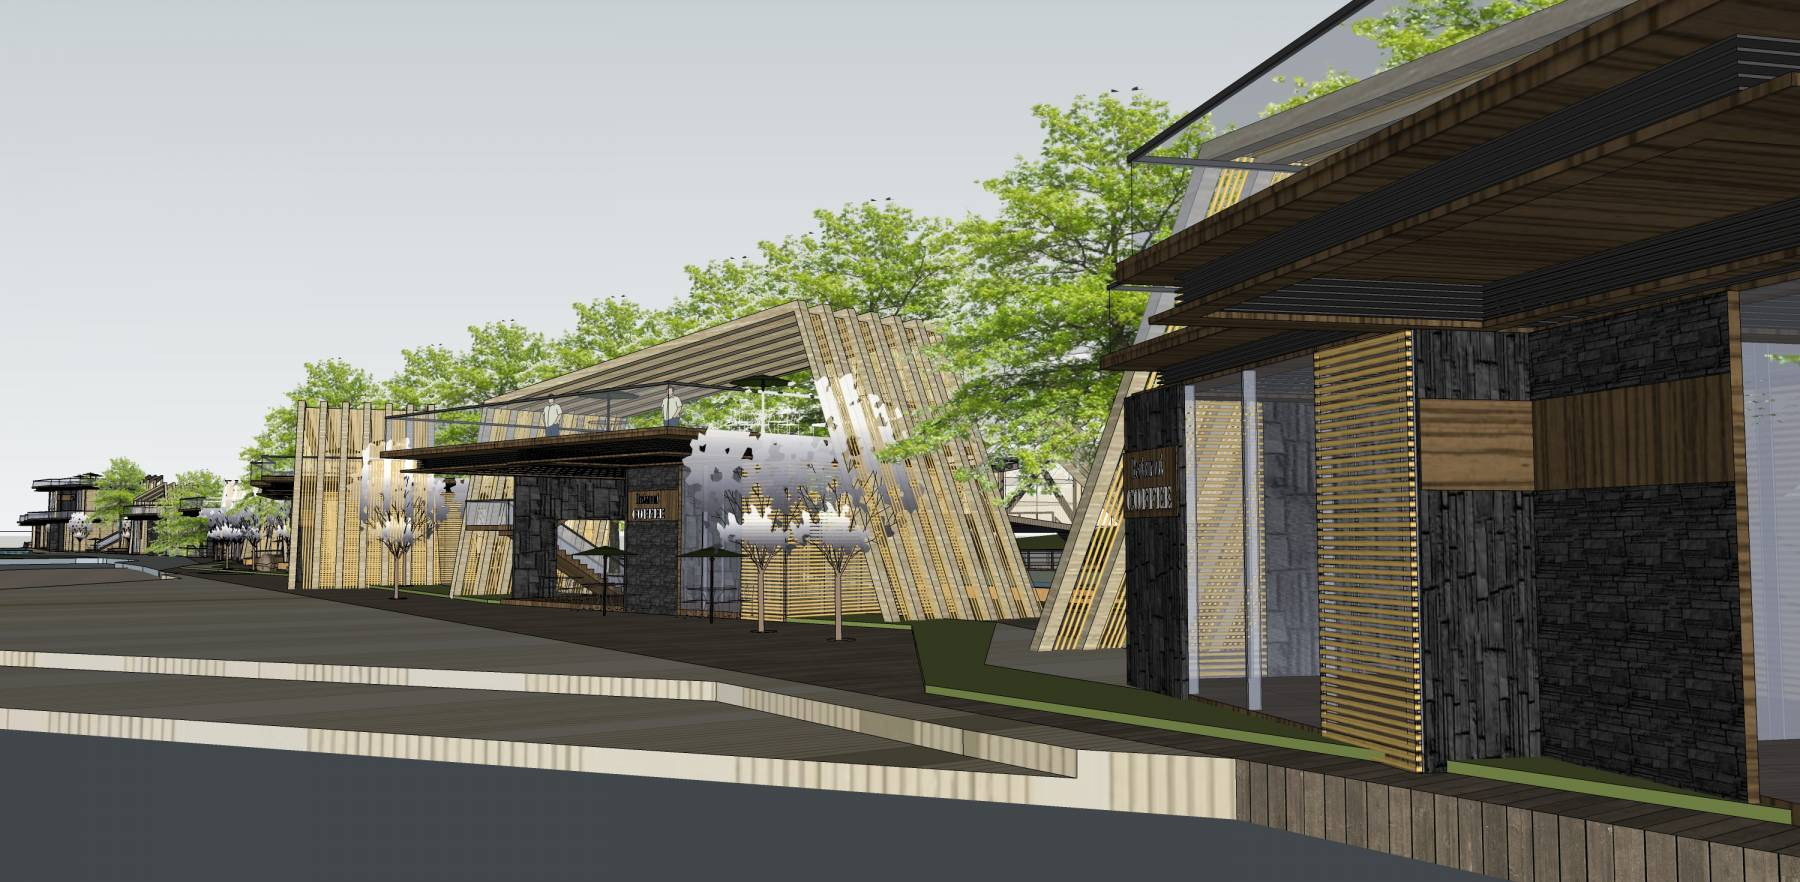 超精细独栋商业步行街餐饮景观模型